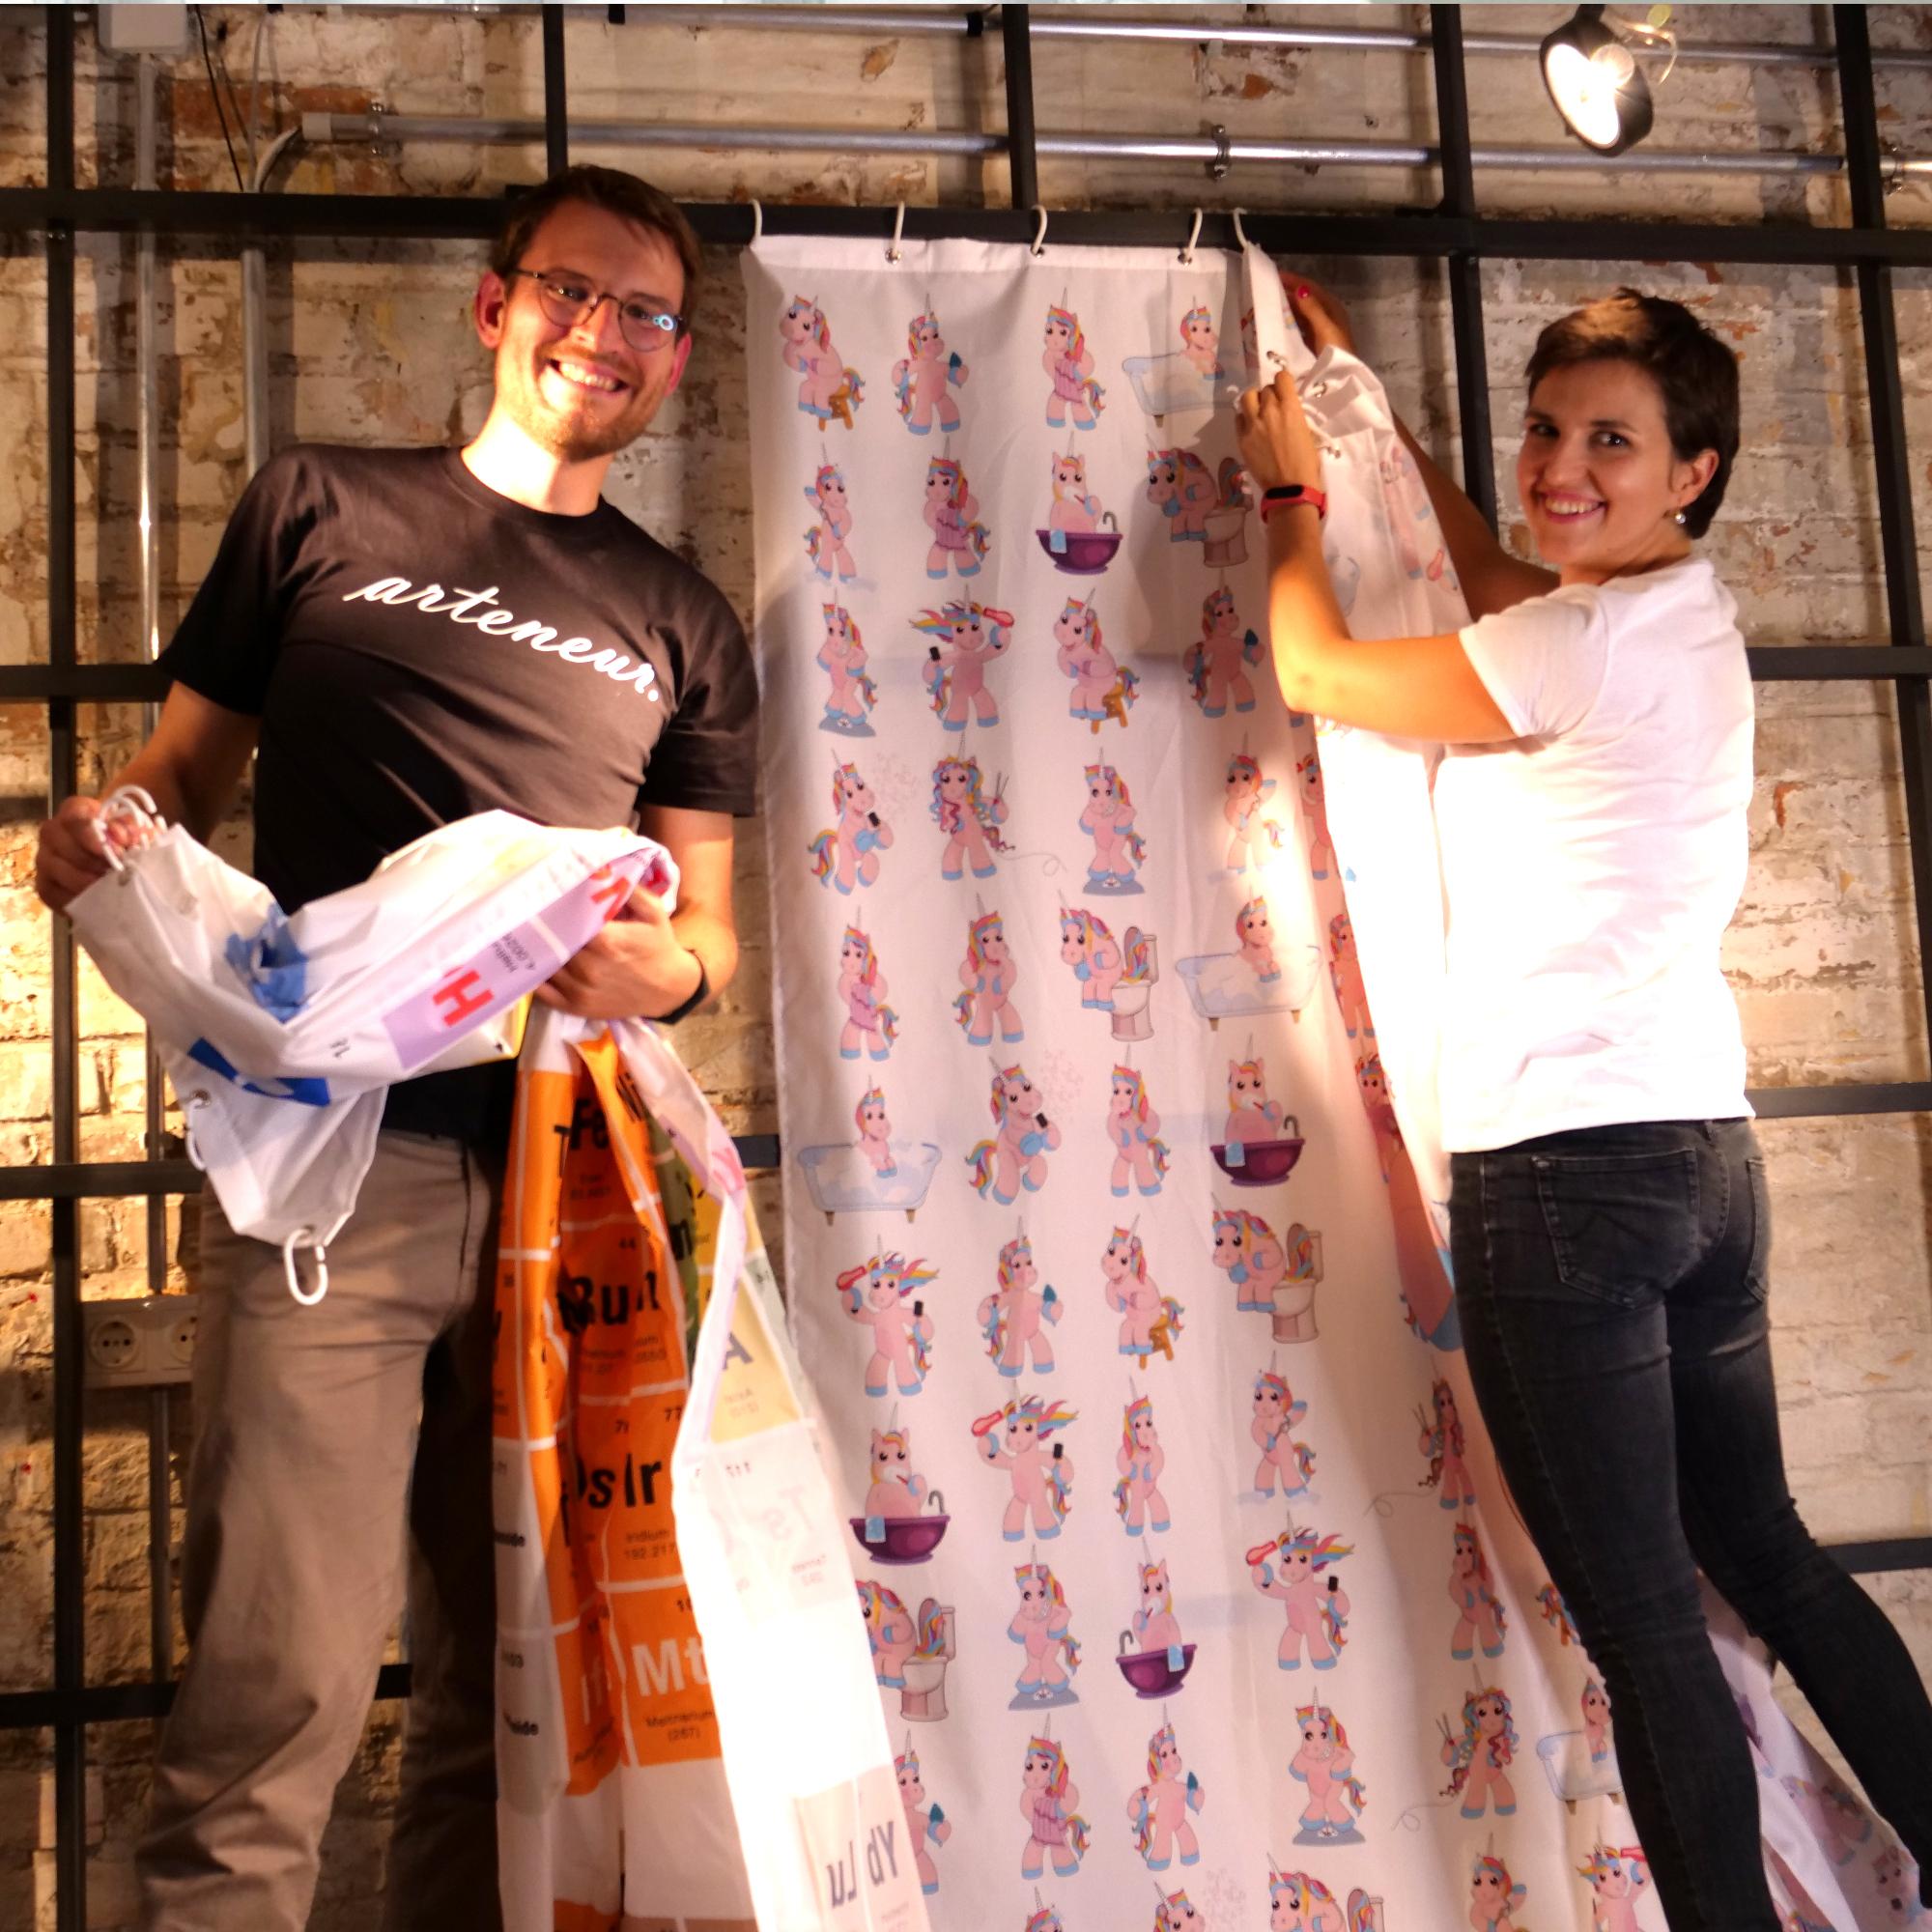 Mann und Frau hängen Duschvorhang auf